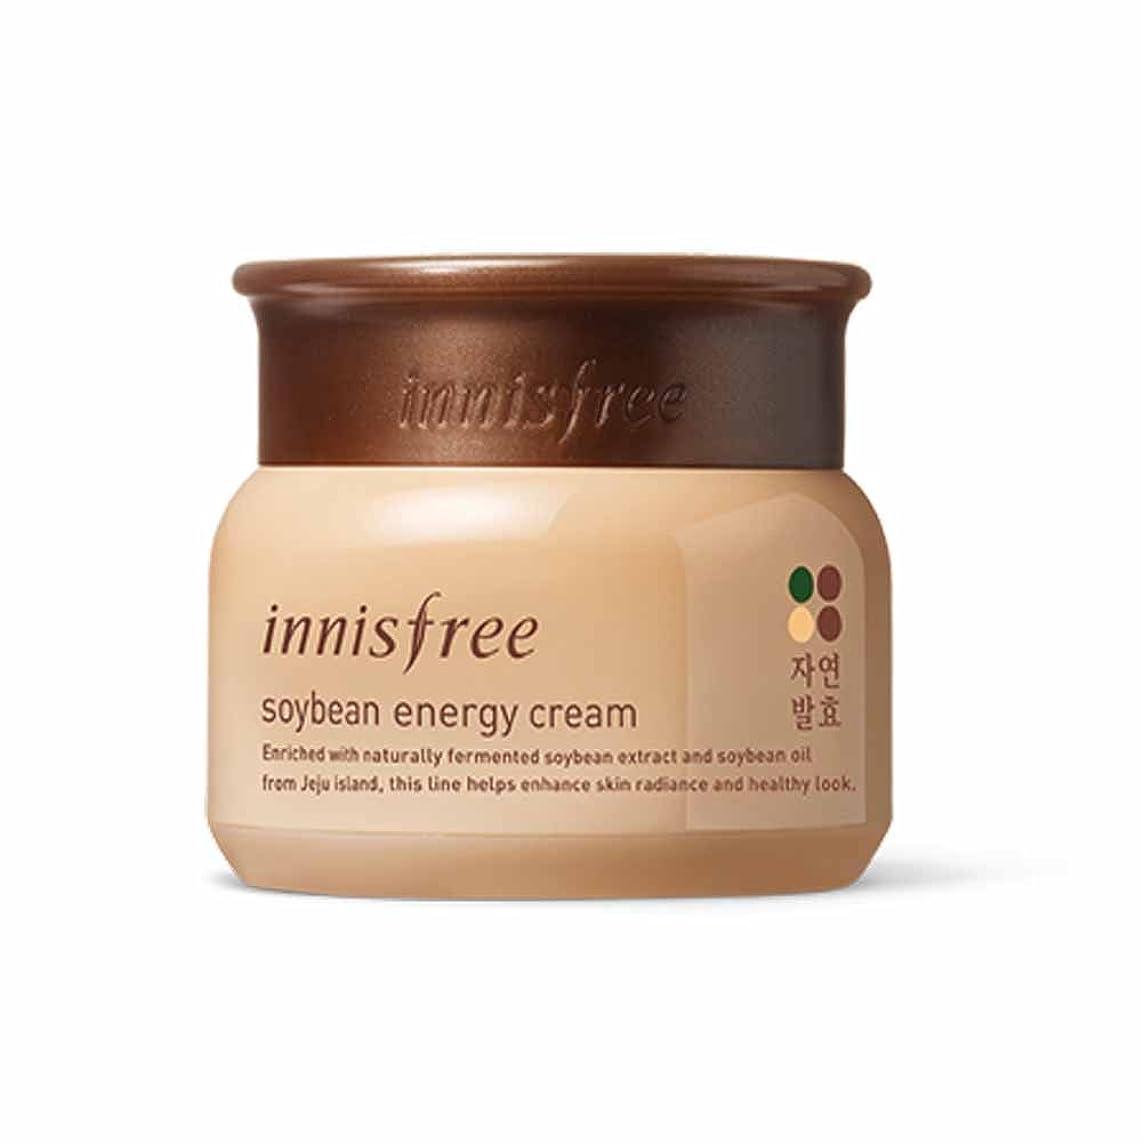 雇用者厚い恋人イニスフリーソーイングエナジークリーム50ml / Innisfree Soybean Energy Cream 50ml[海外直送品][並行輸入品]